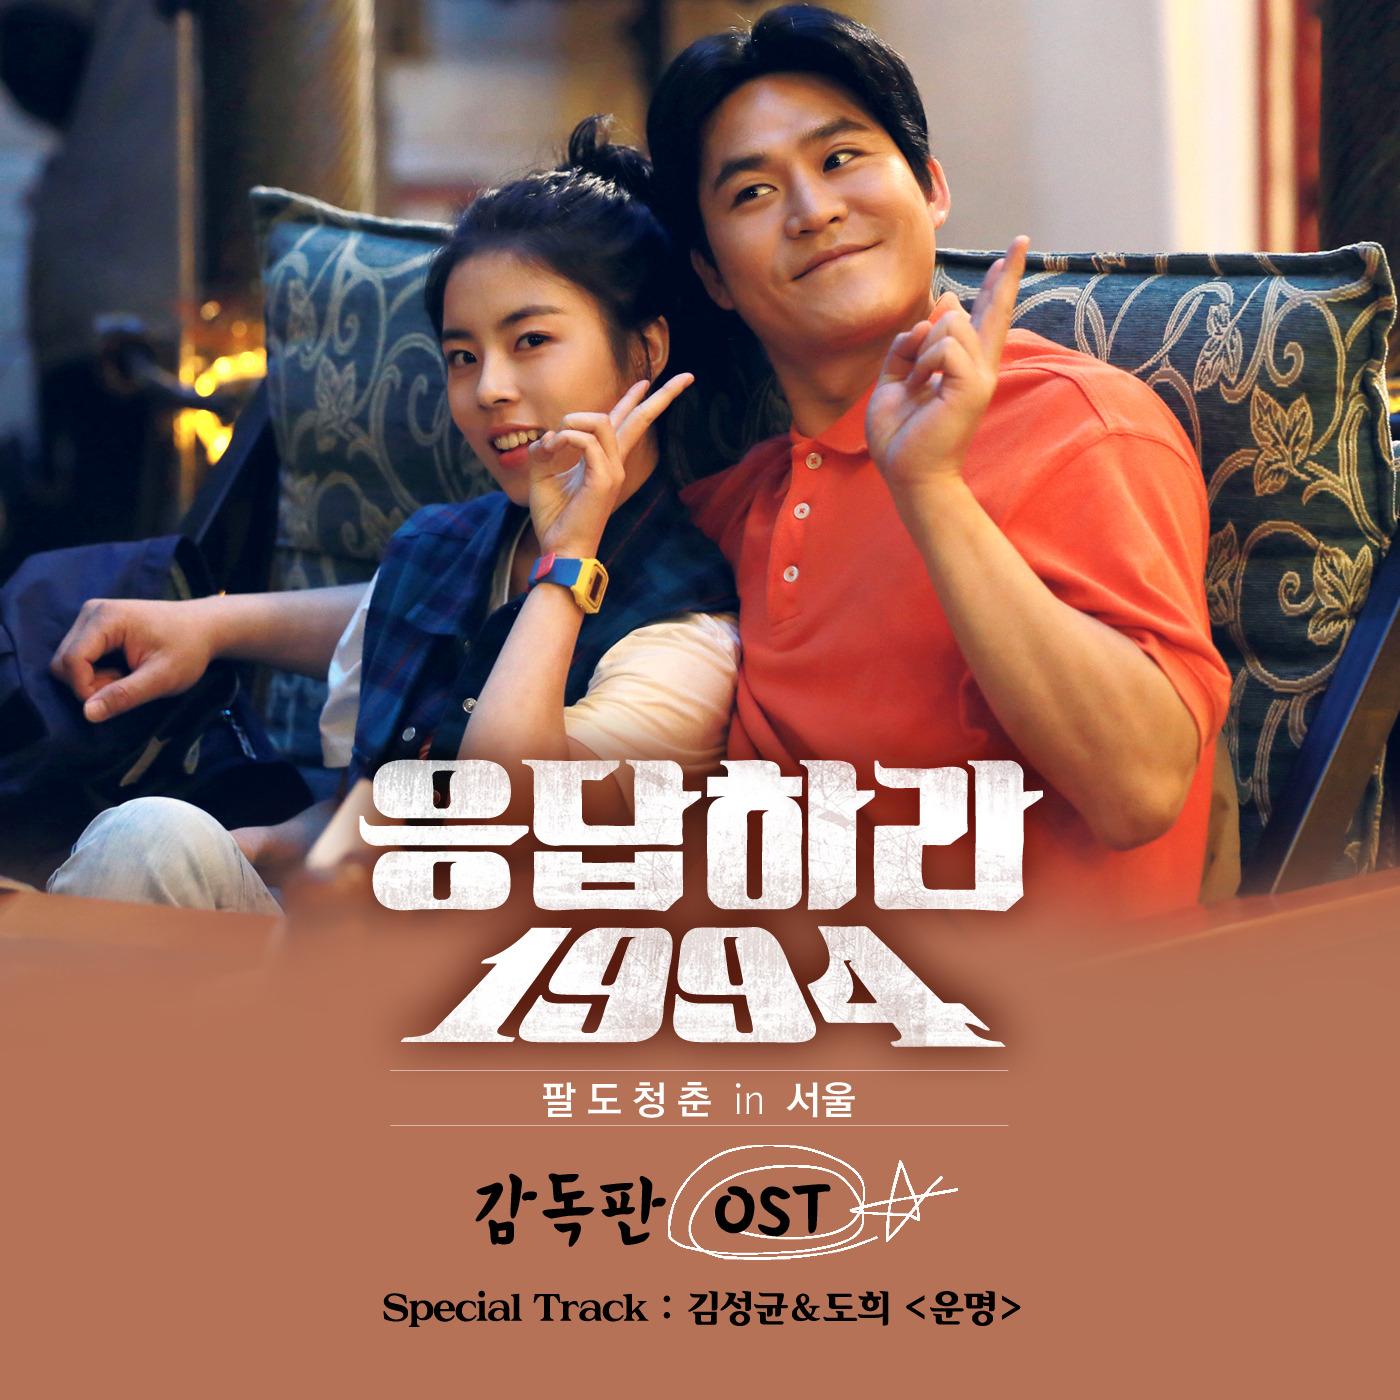 응답하라 1994 감독판 (tvN 드라마) 앨범정보